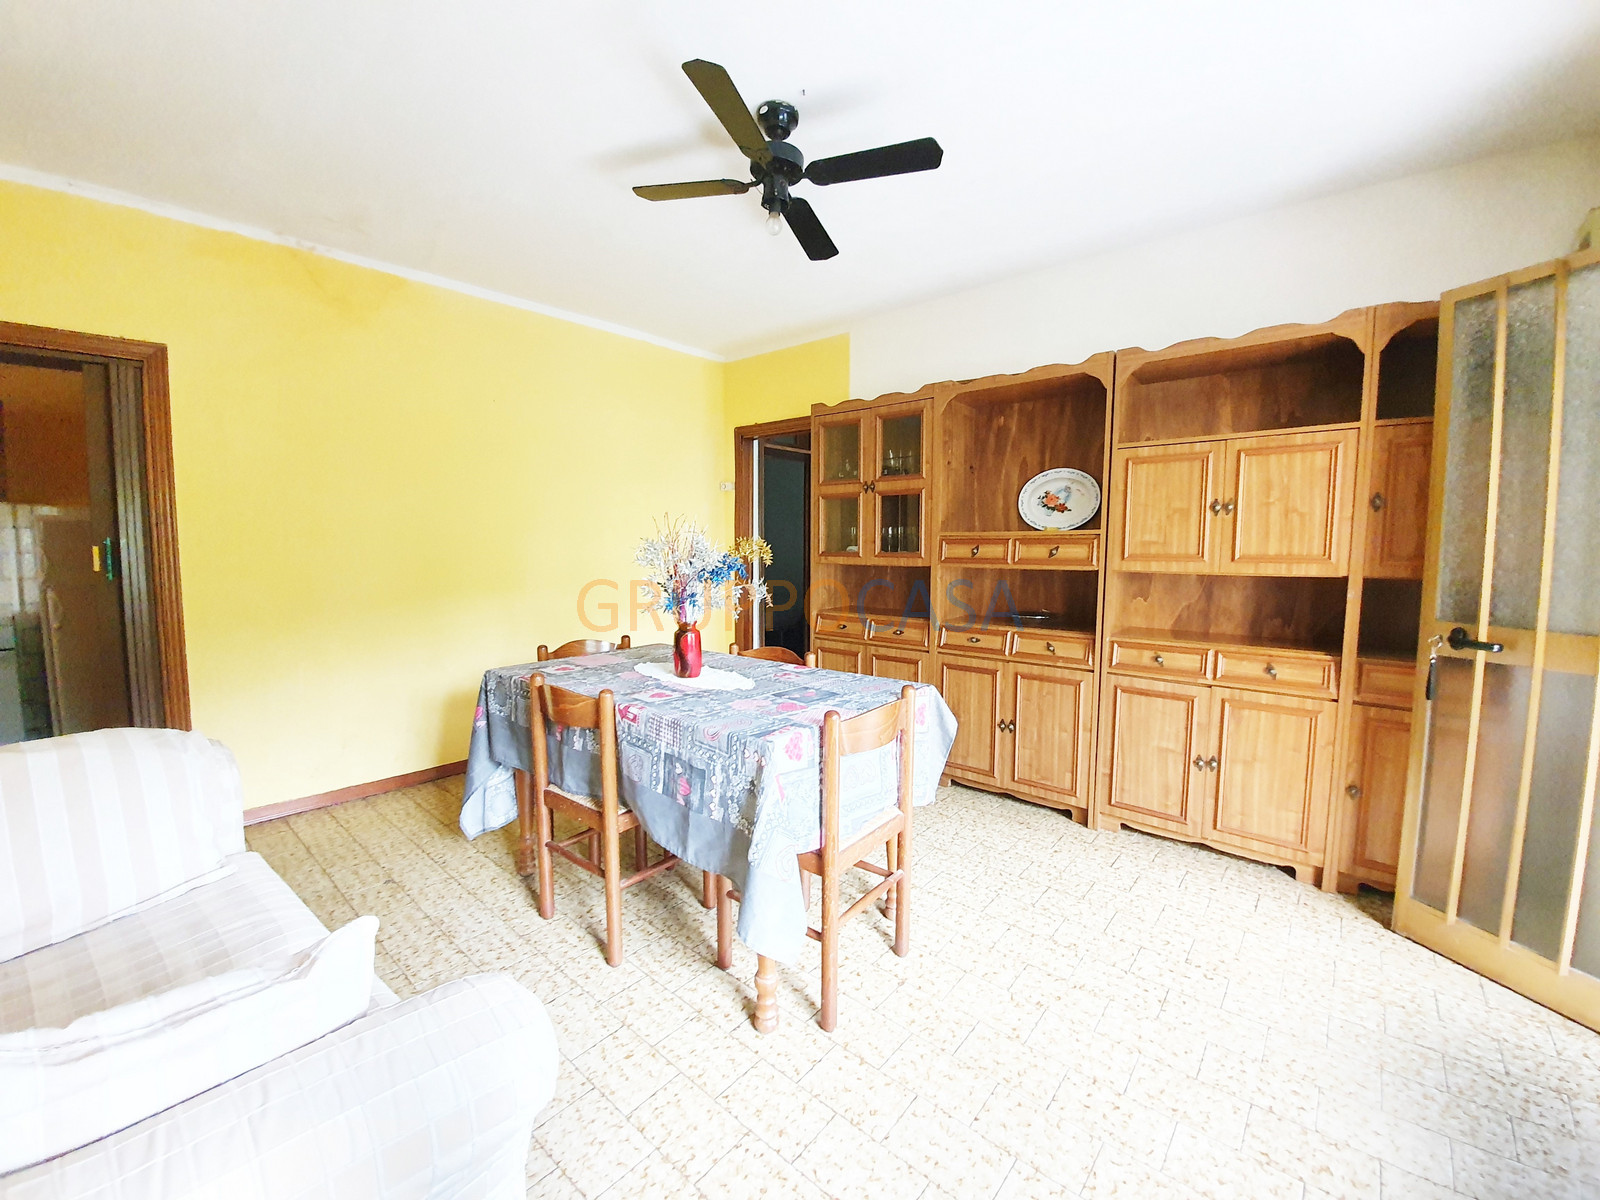 APPARTAMENTO in Affitto a Santa Lucia, Uzzano (PISTOIA)